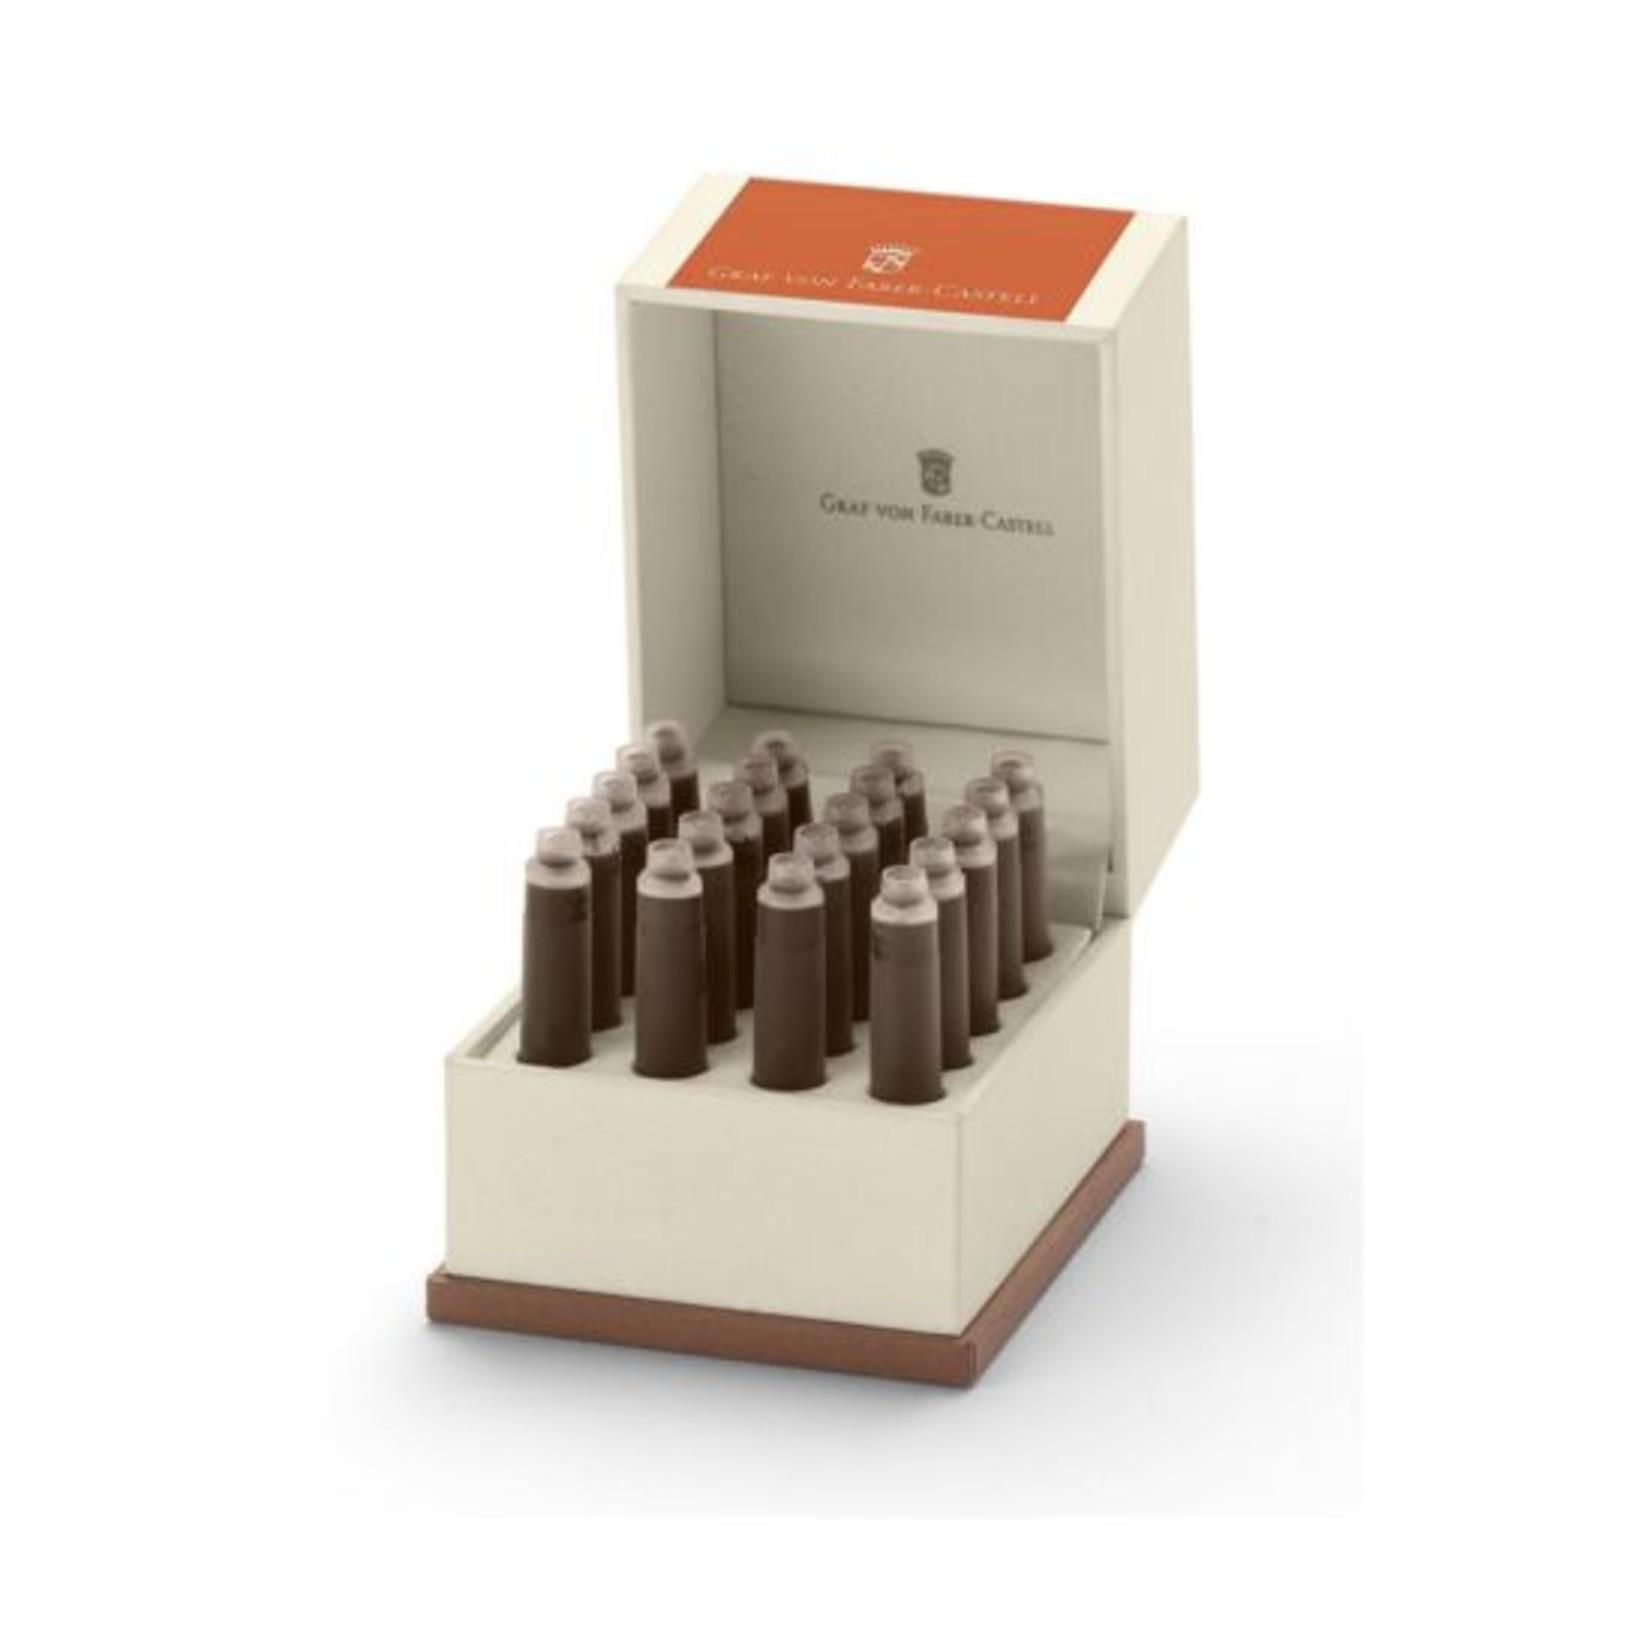 Faber-Castell GvFC Tintenpatronen Geschenkverpackung Farbwelten Burned Orange 20Stk